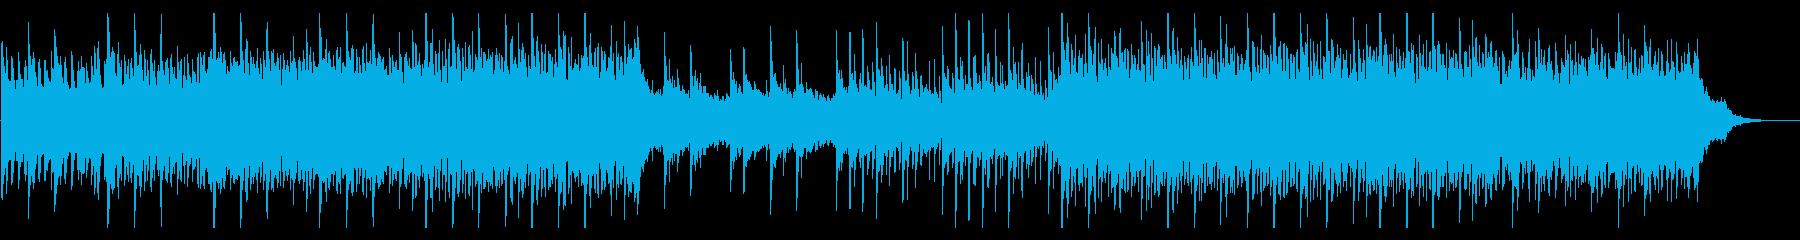 ピアノとシンセの企業向けアンビエントの再生済みの波形